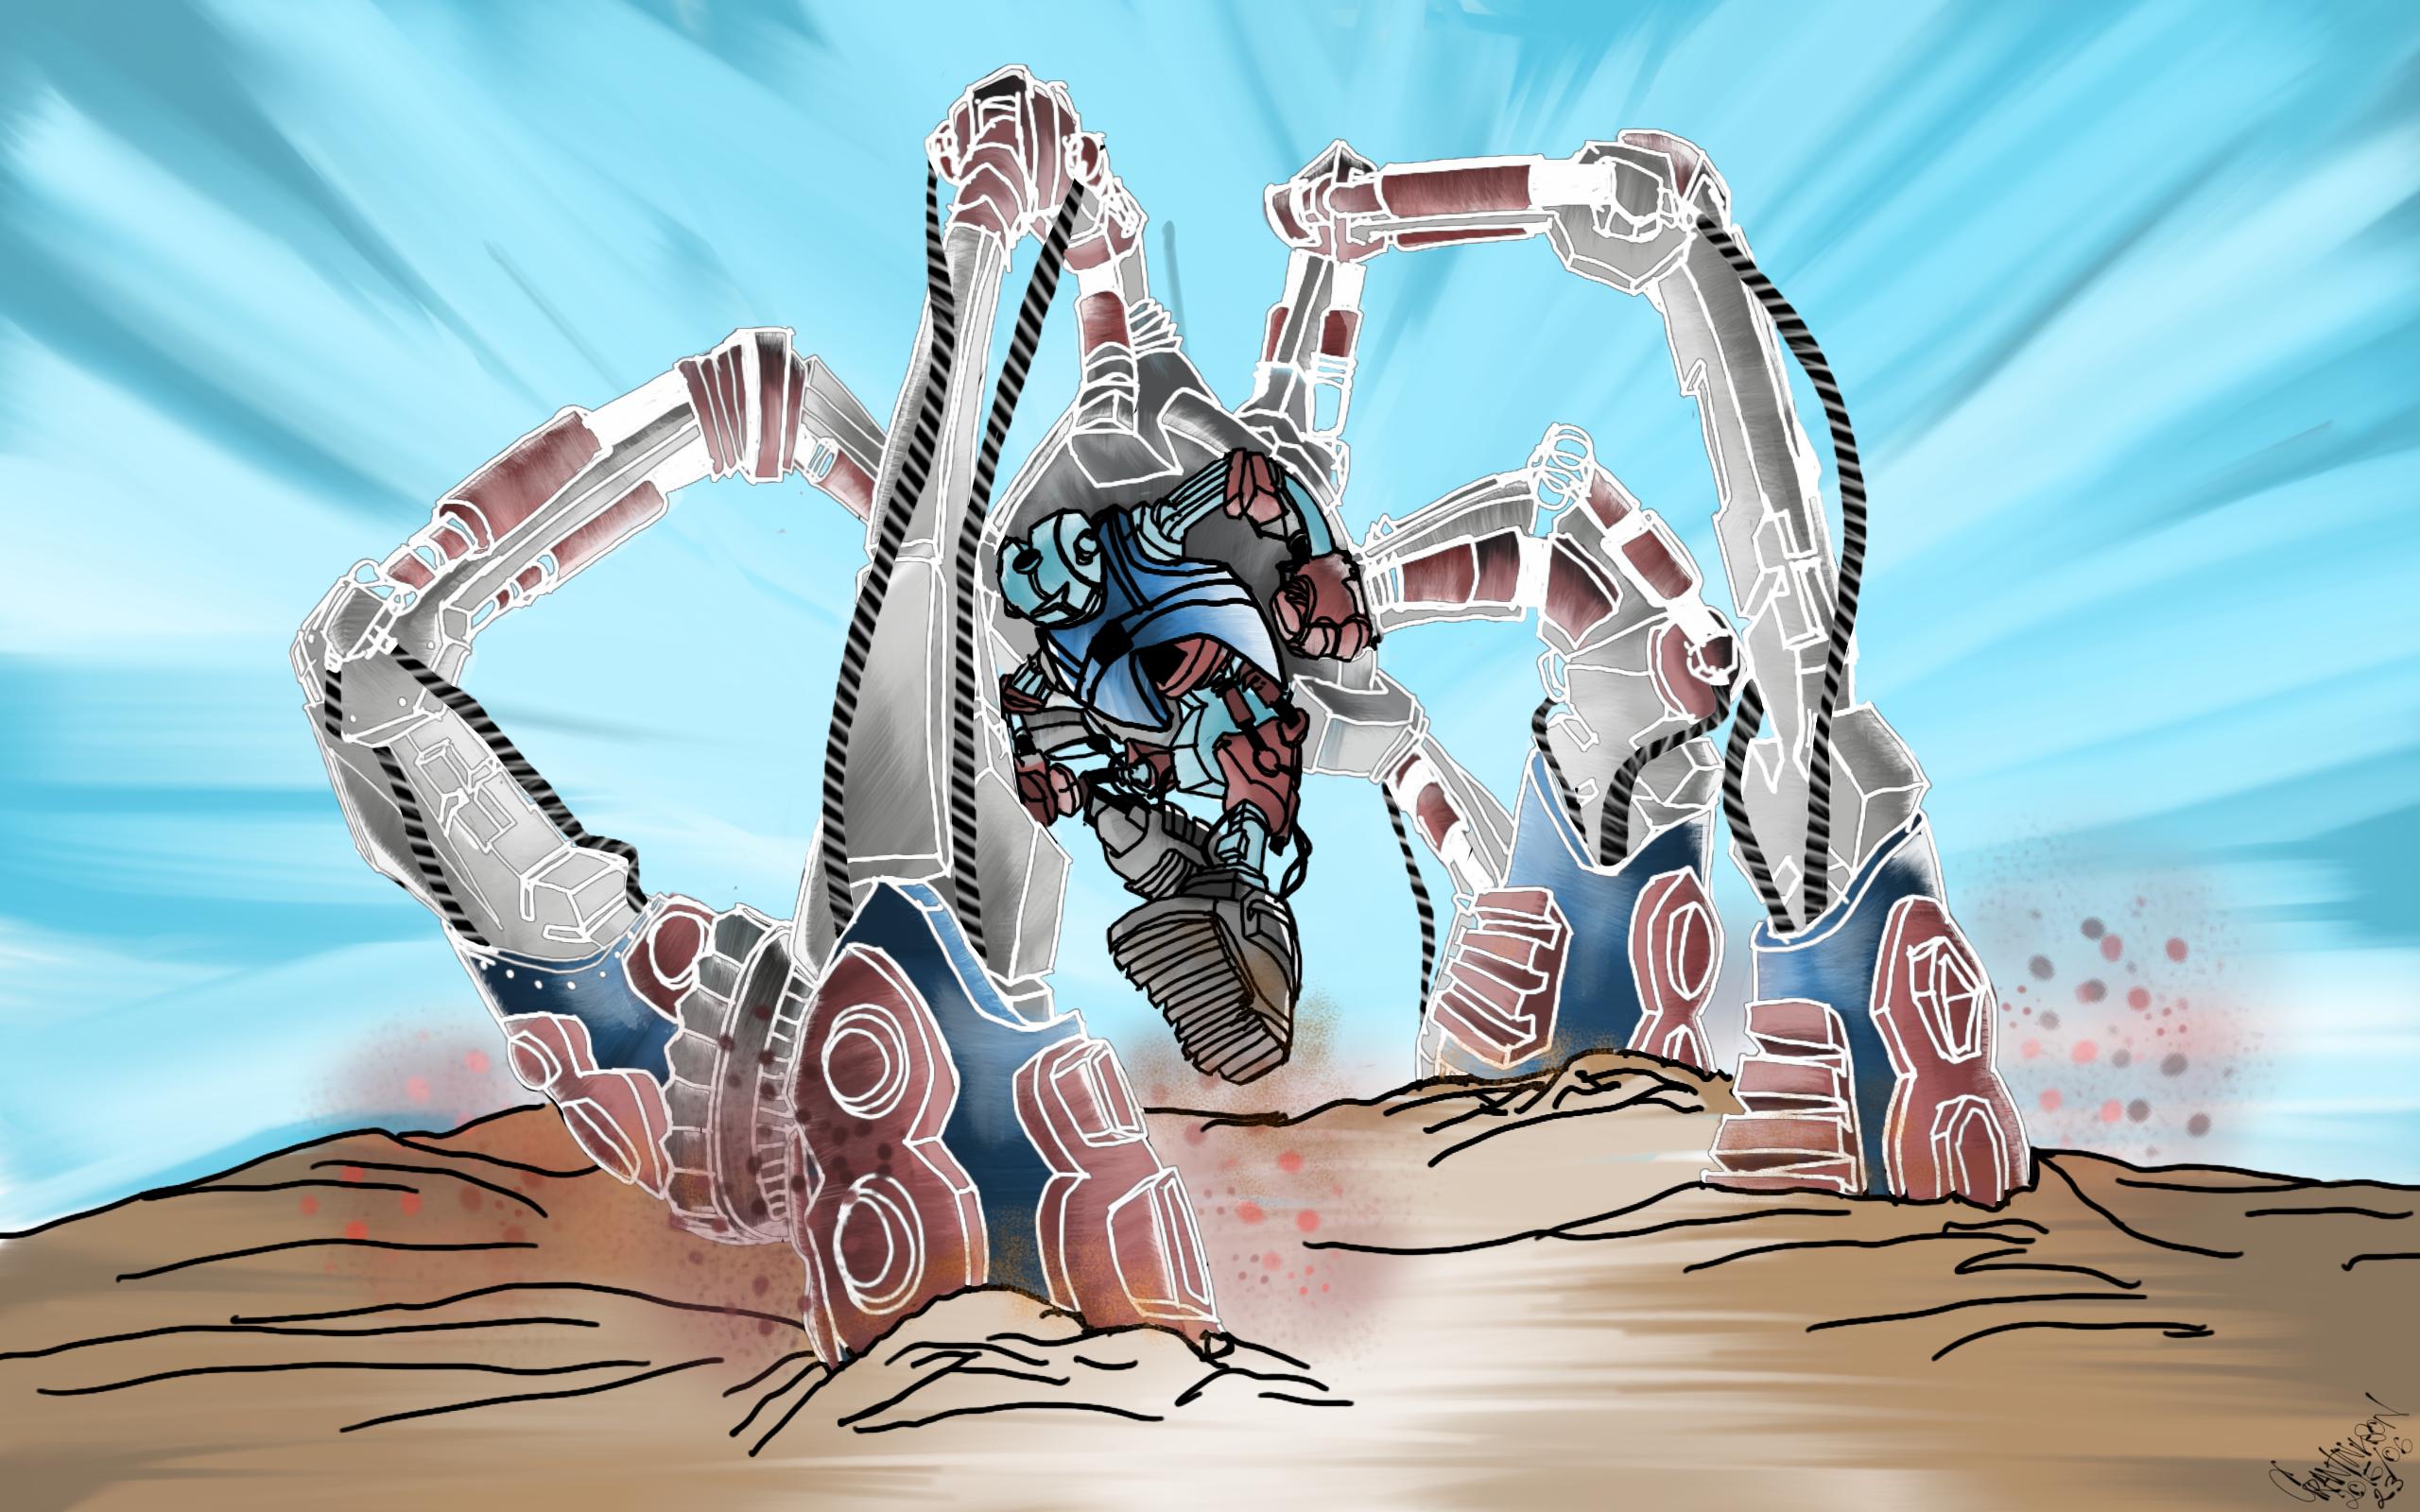 Spider-Jumper